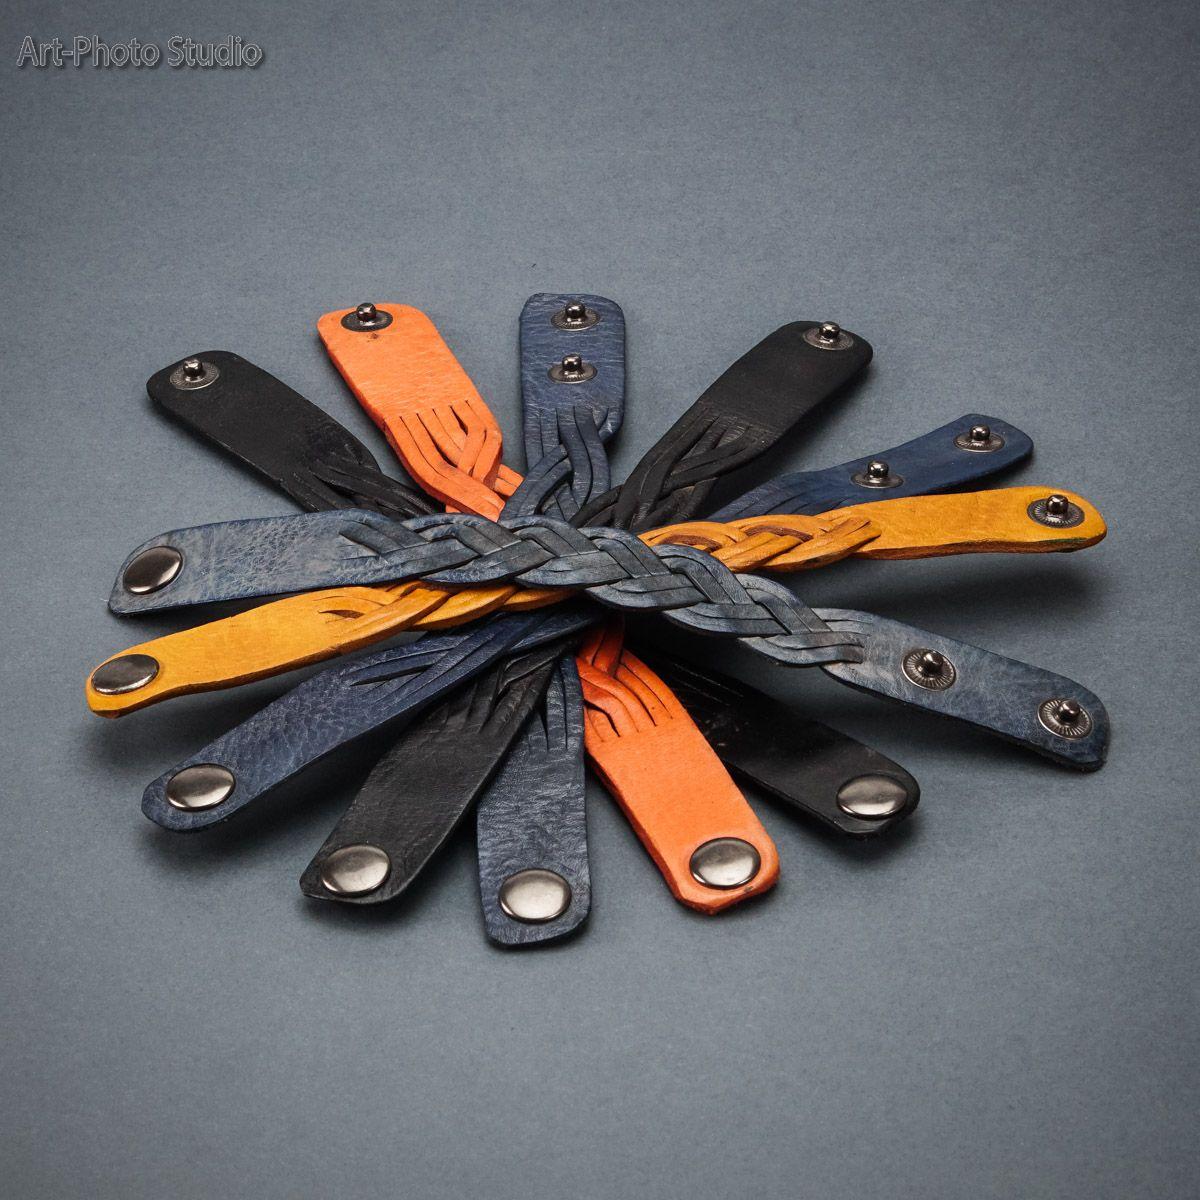 предметная фотография кожаных  браслетов для каталога